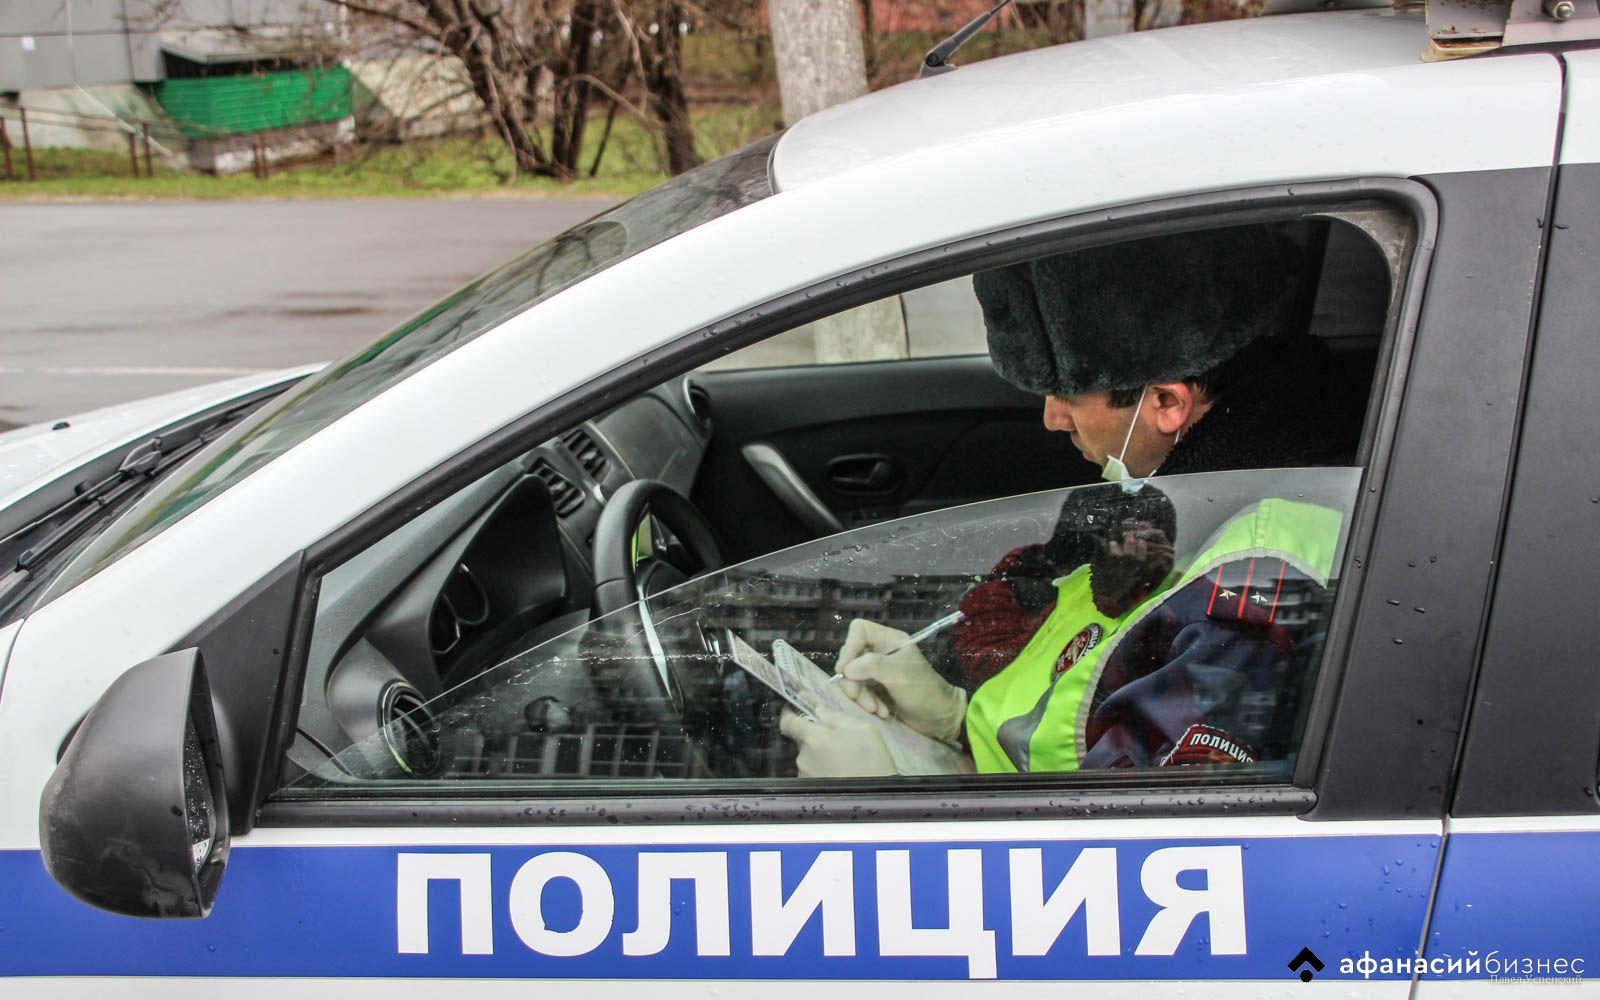 Сбивший двух пешеходов в Ржеве и сбежавший с места 19-летний водитель ездил без документов - новости Афанасий